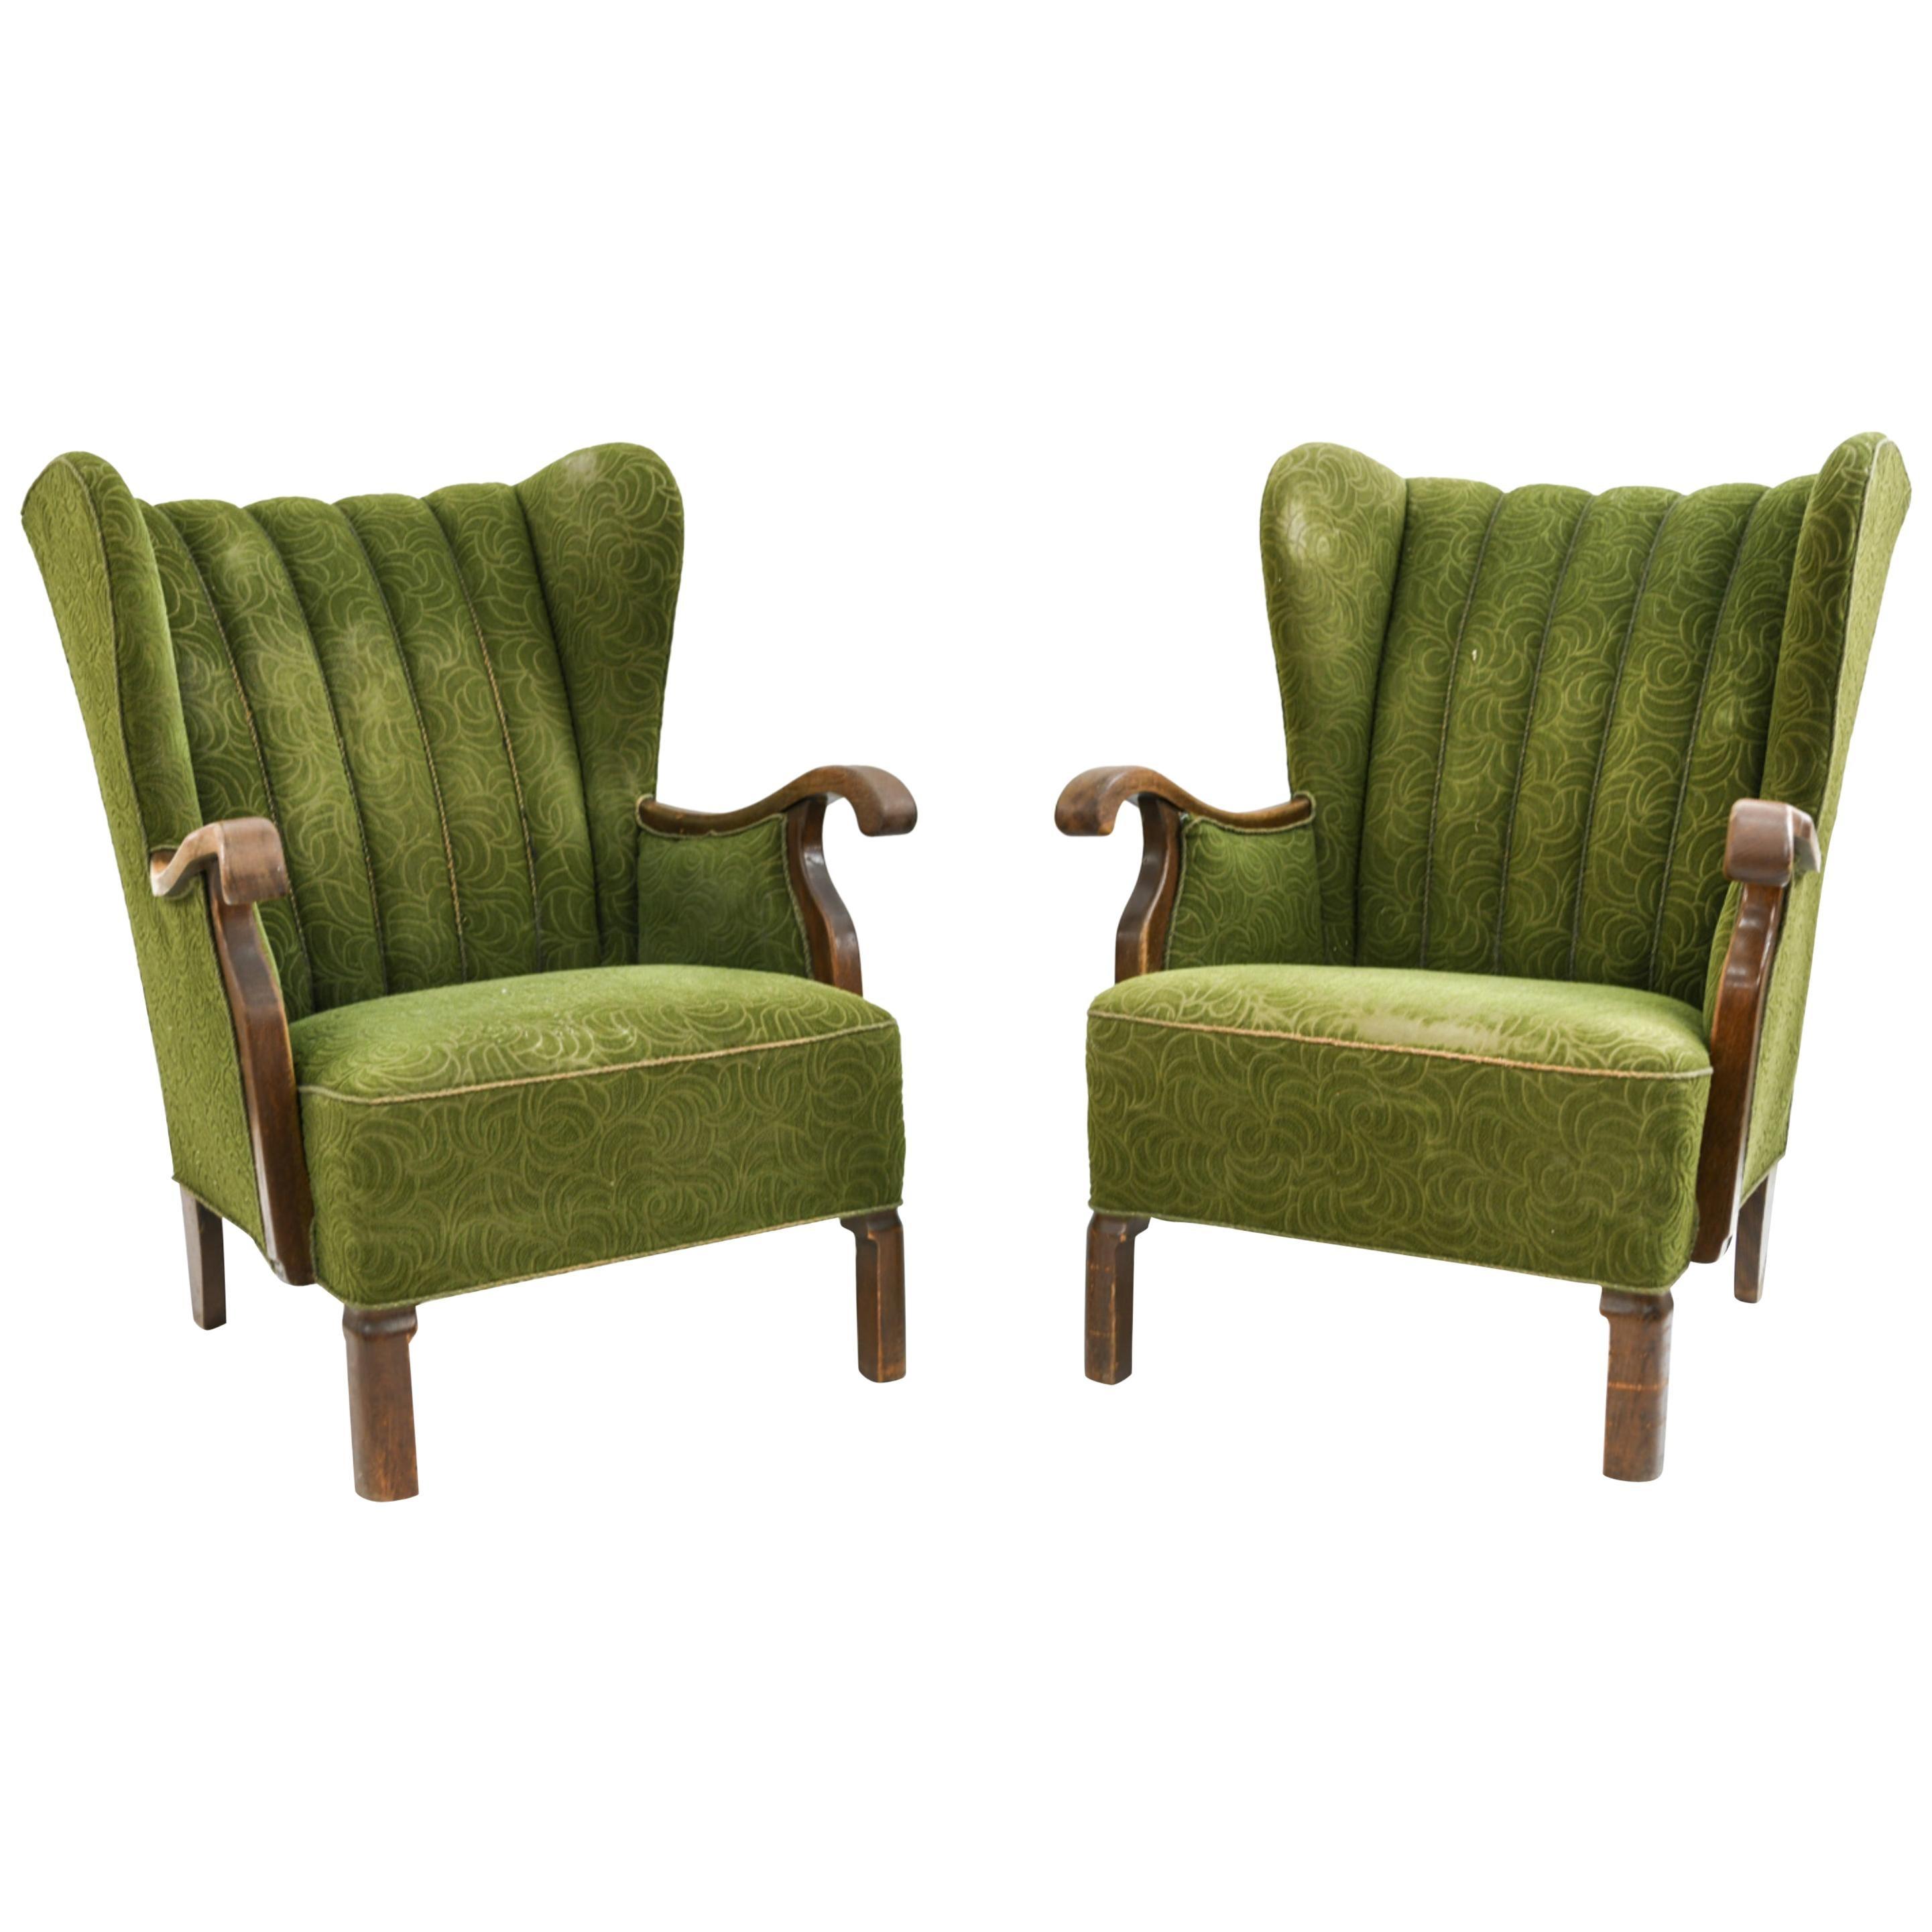 Viggo Boesen for Slagelse Highback Lounge Chairs